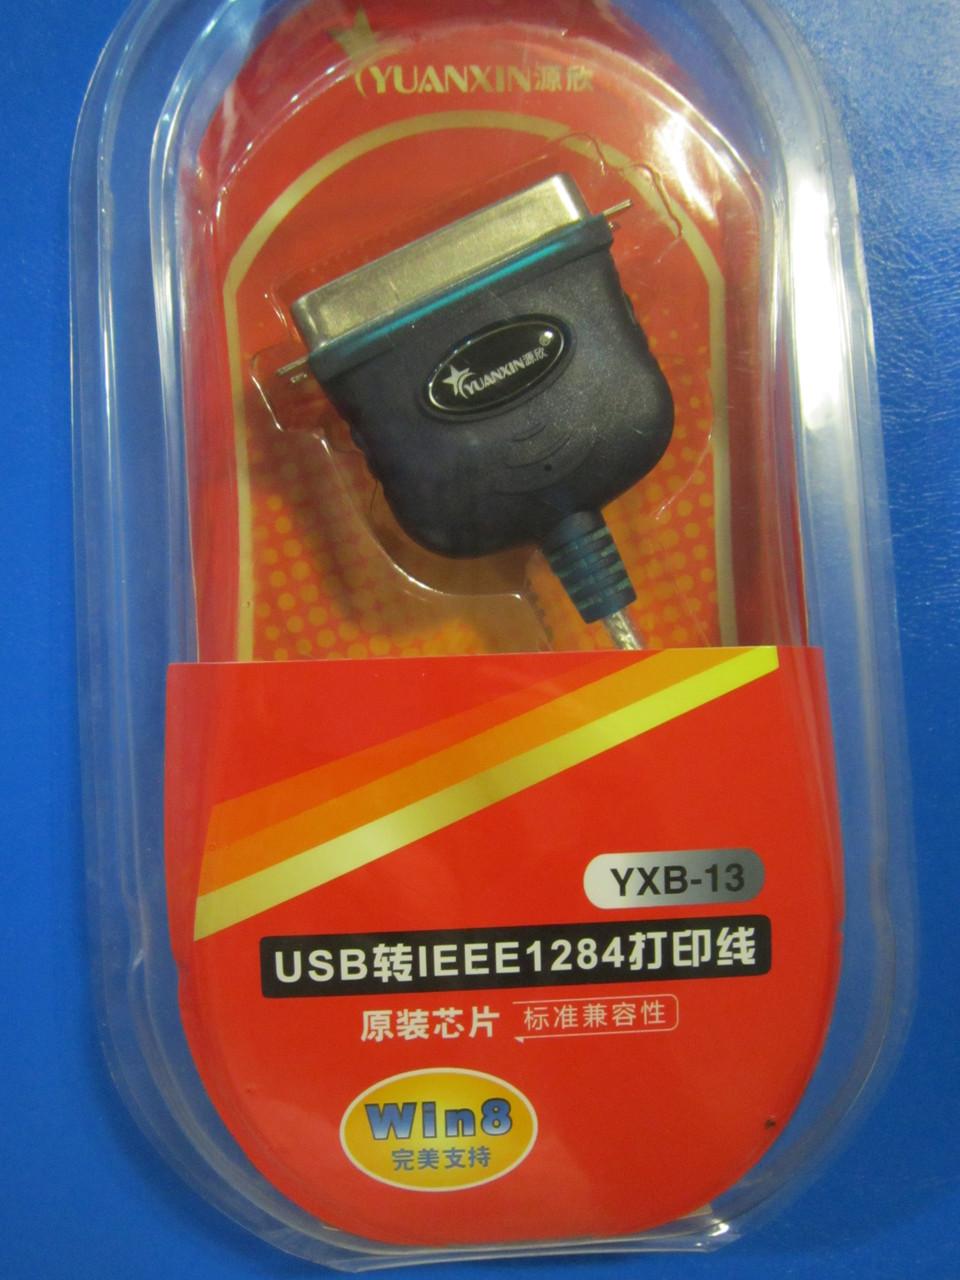 Адаптер (переходник) USB - LPT port, USB 2.0 - фото 1